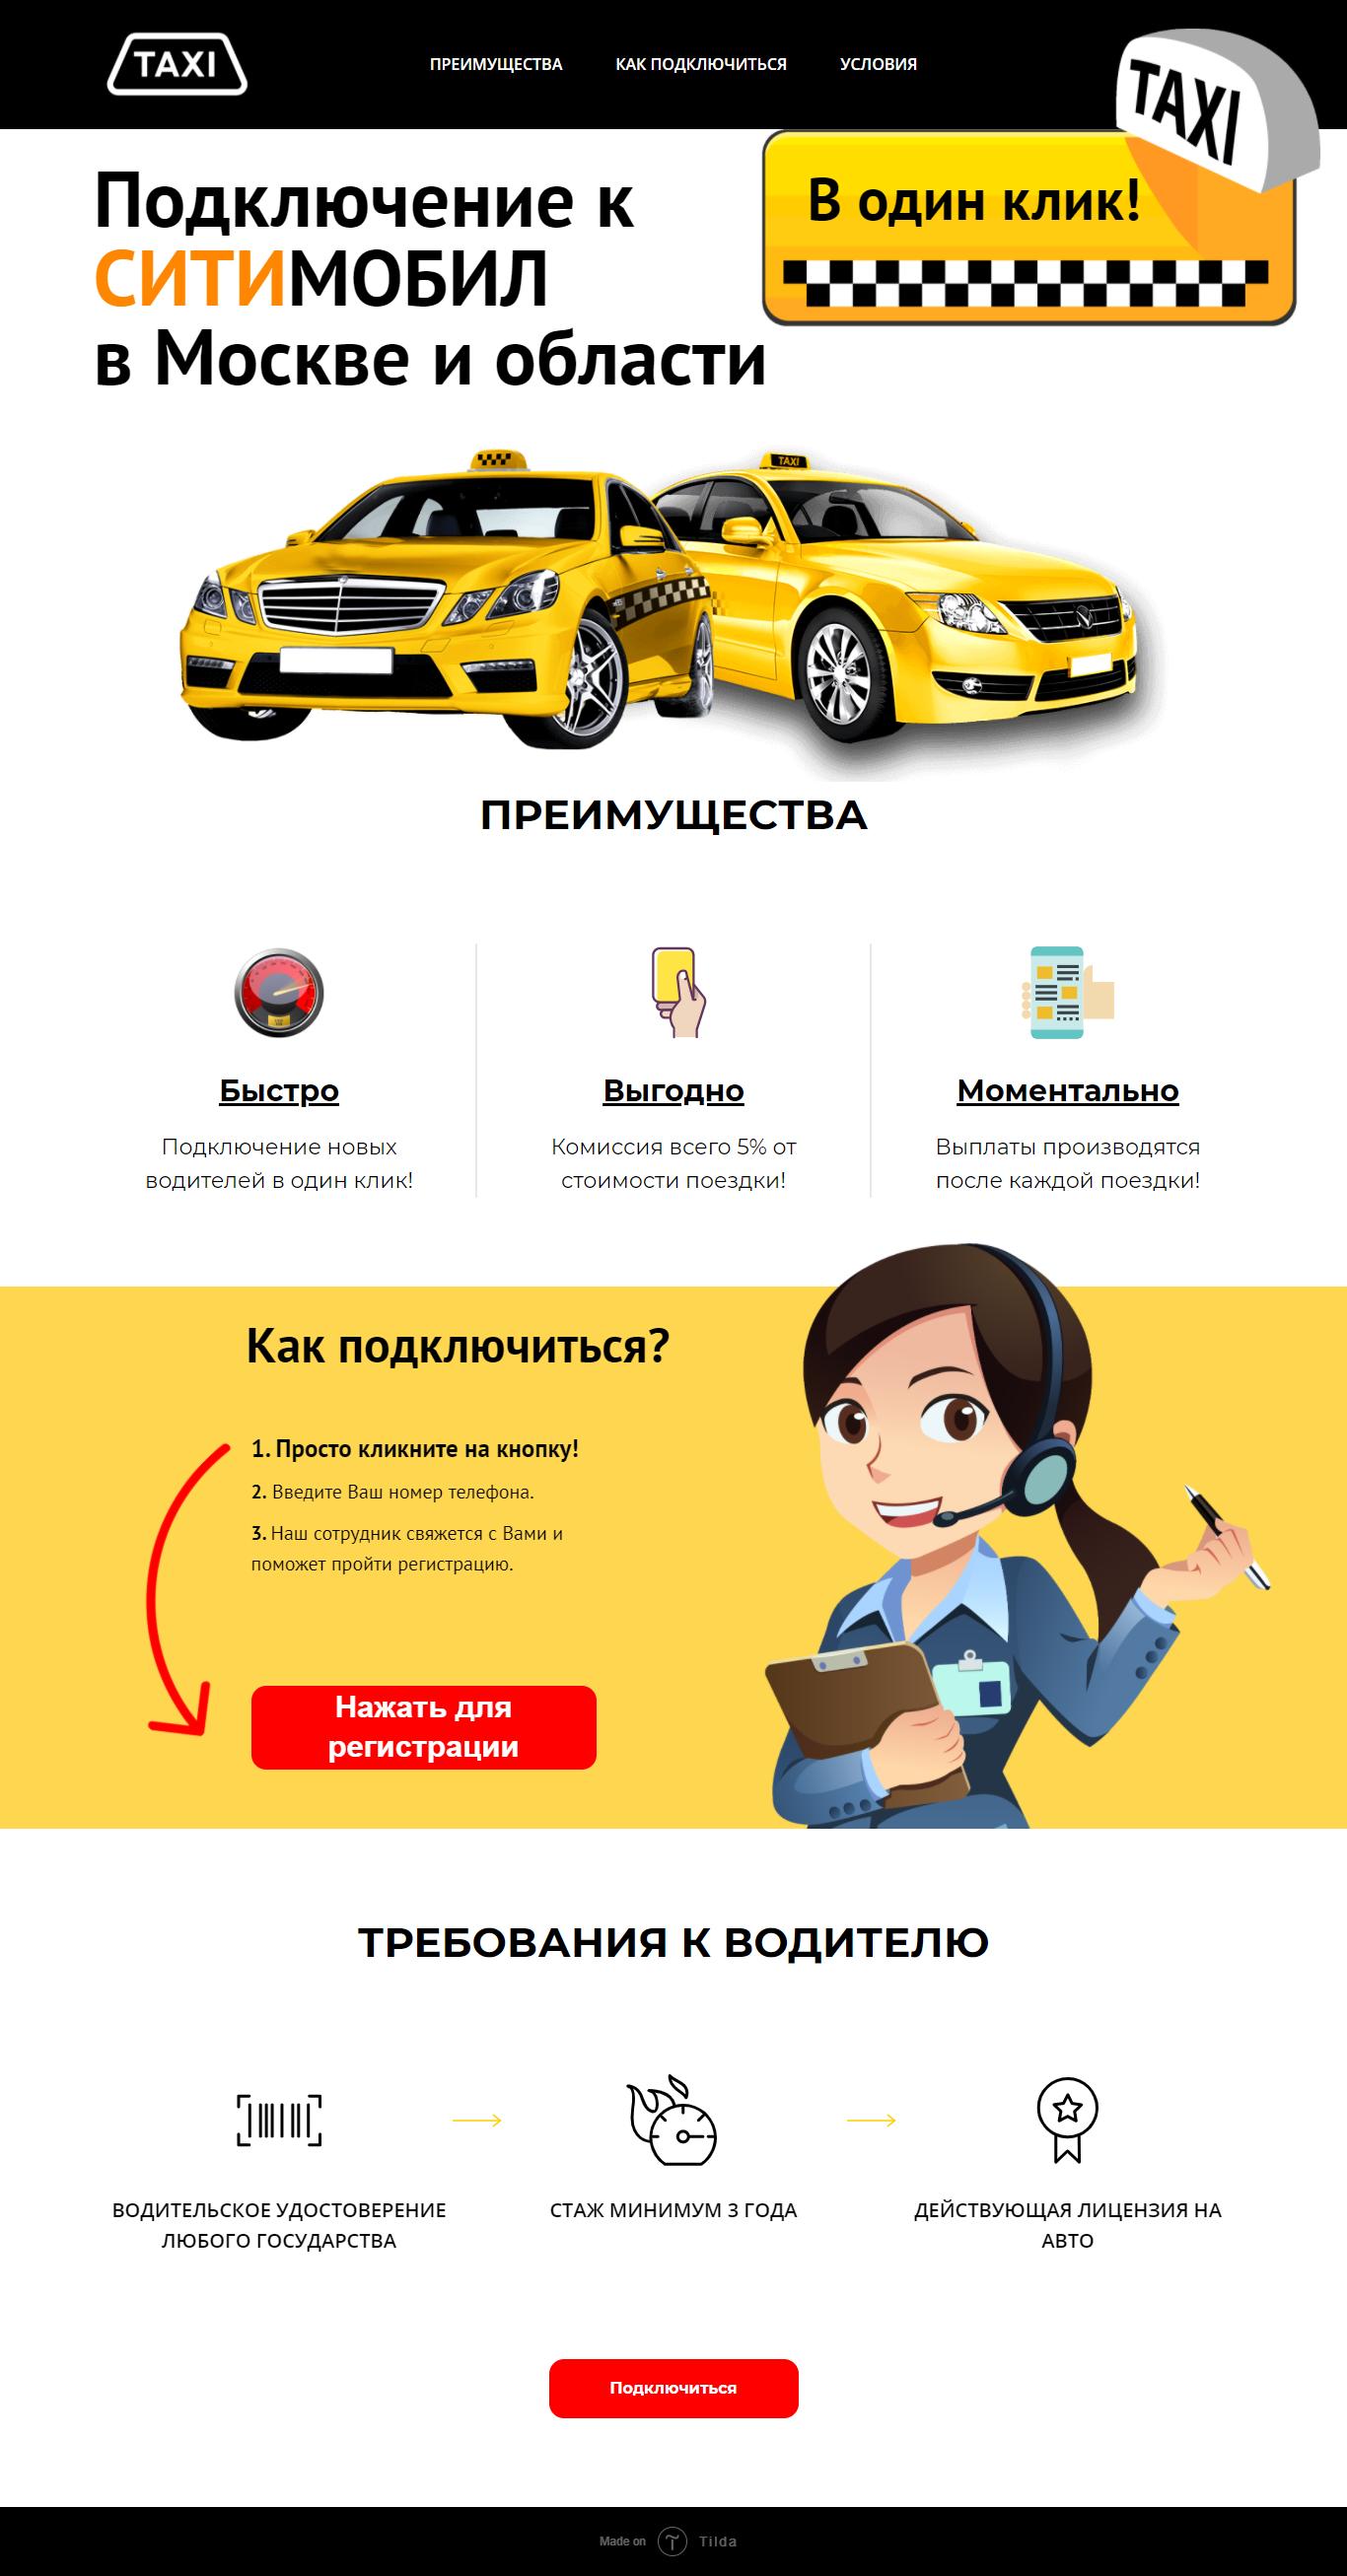 Лендинг для фирмы подключения к Такси